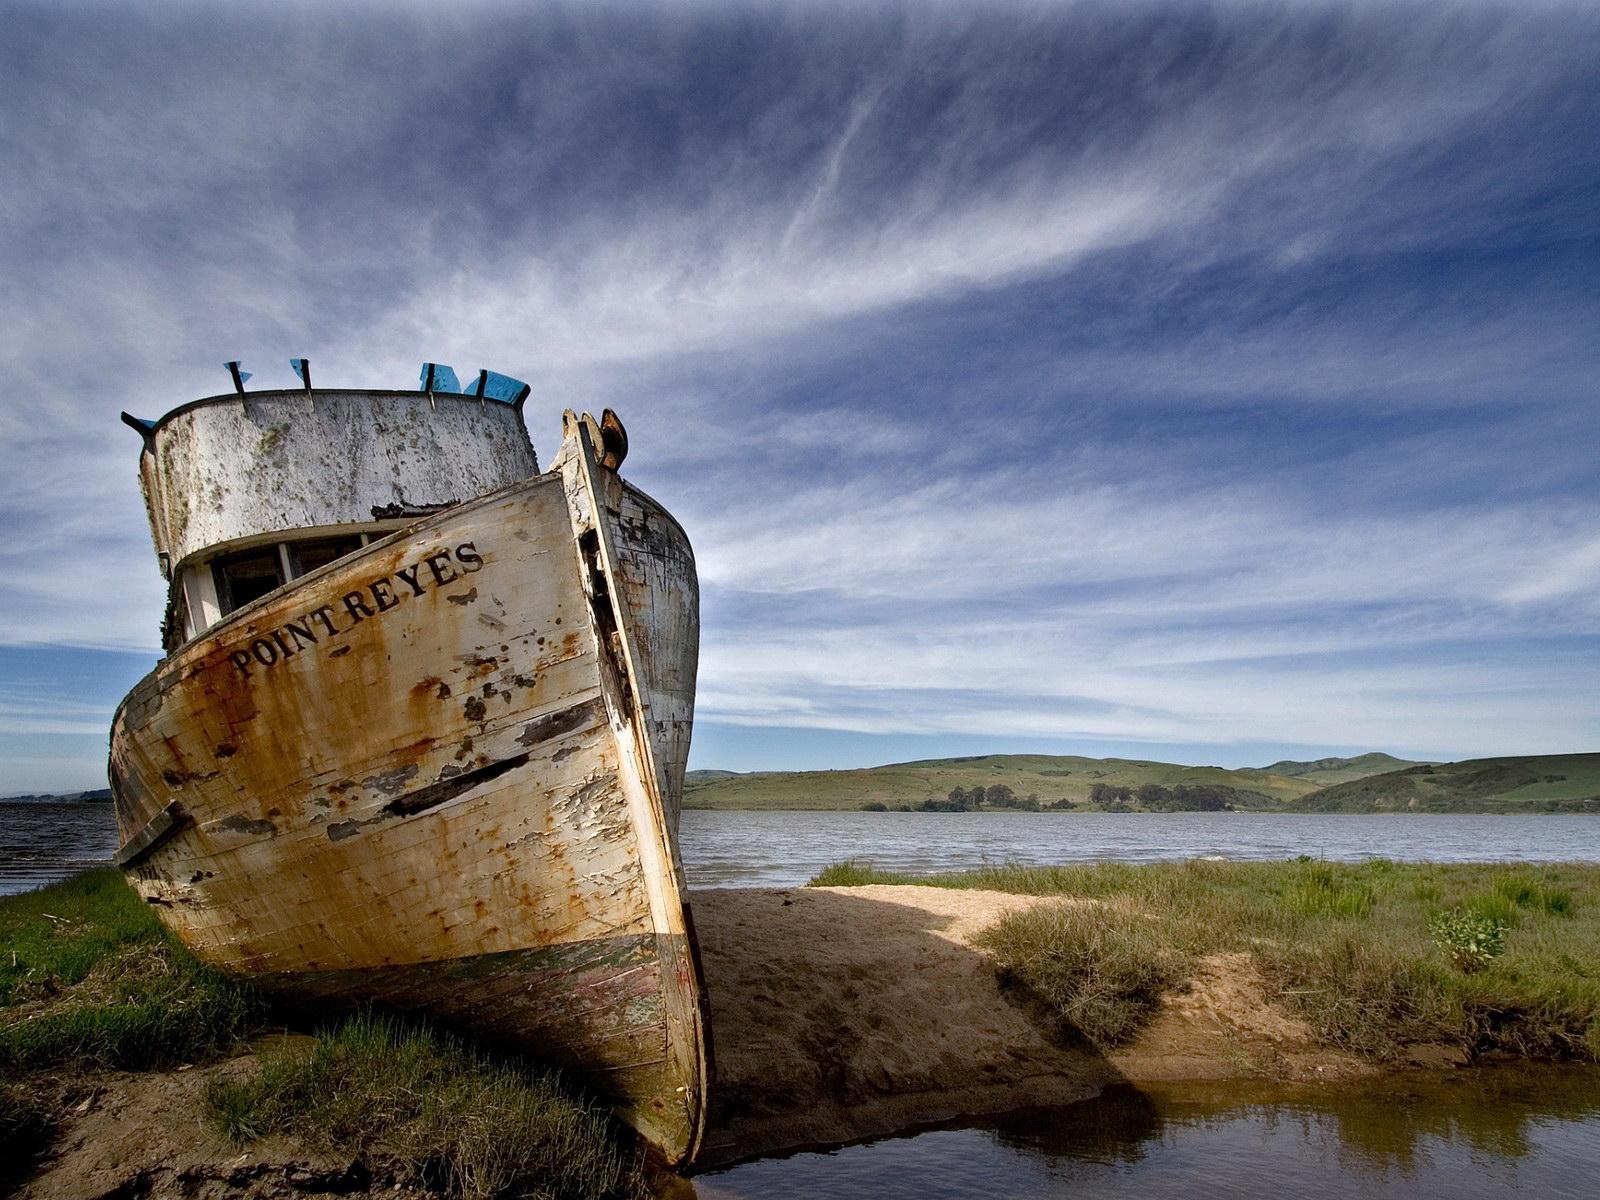 старый покинутый корабль, фото, обои на рабочий стол, скачать